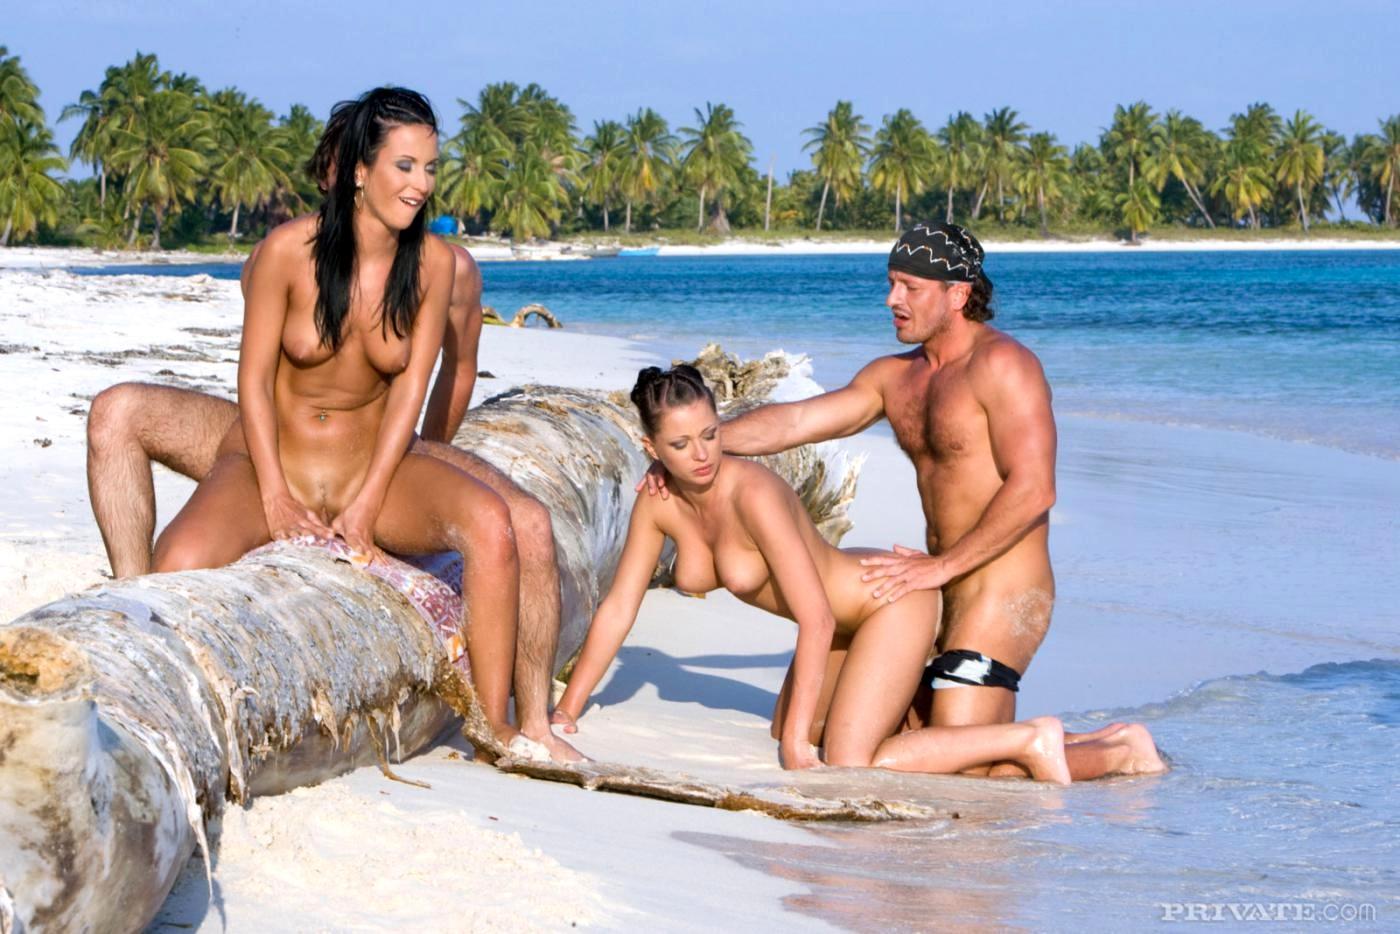 Секс на безлюдном острове, мужики едят сперму смотреть онлайн